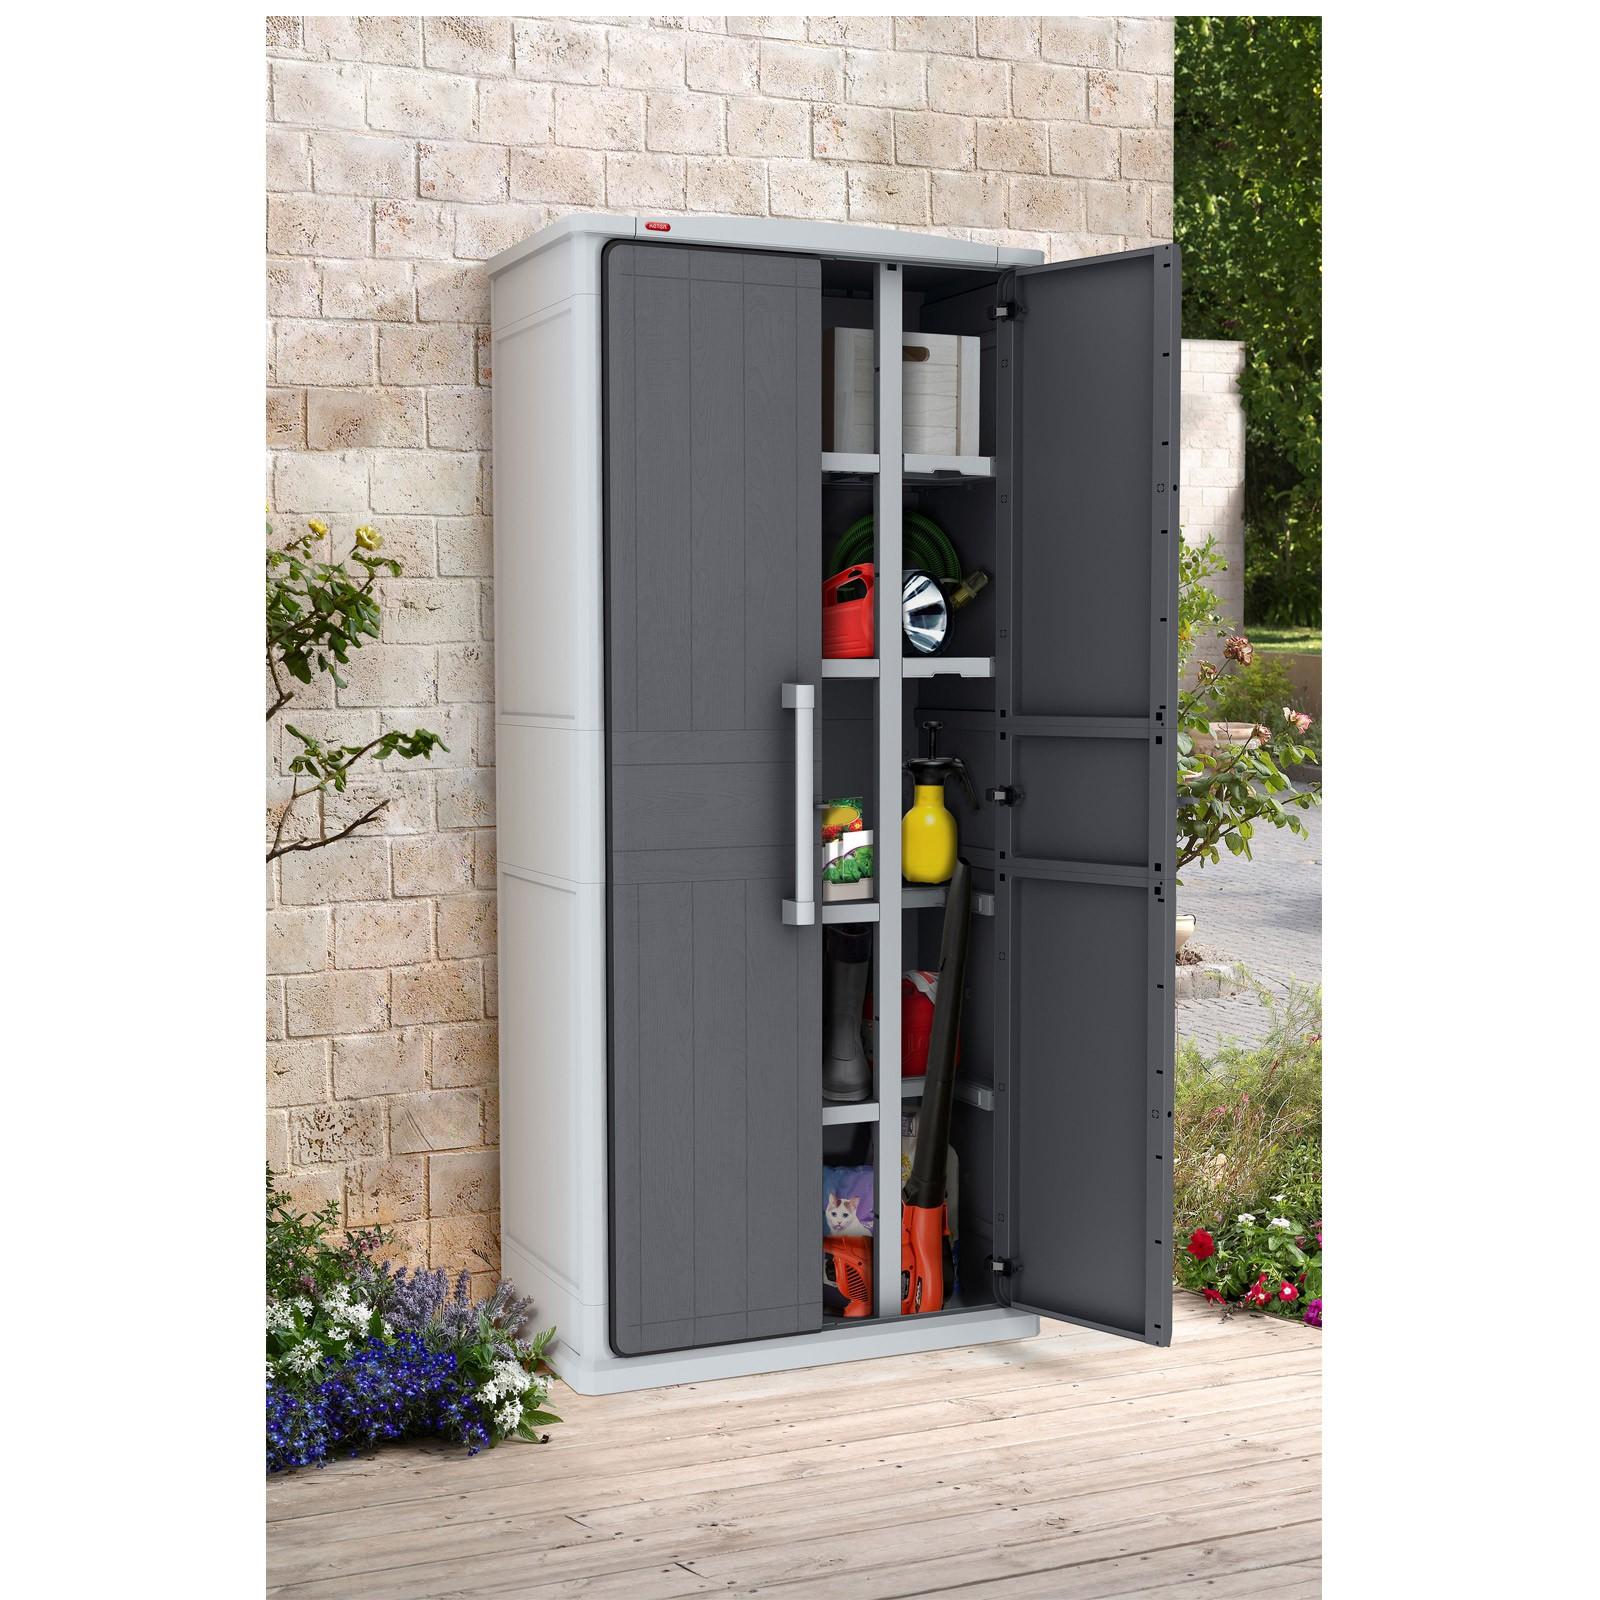 Tepro Gartenschrank Geräteschrank Optima Wonder Cabinet Tall